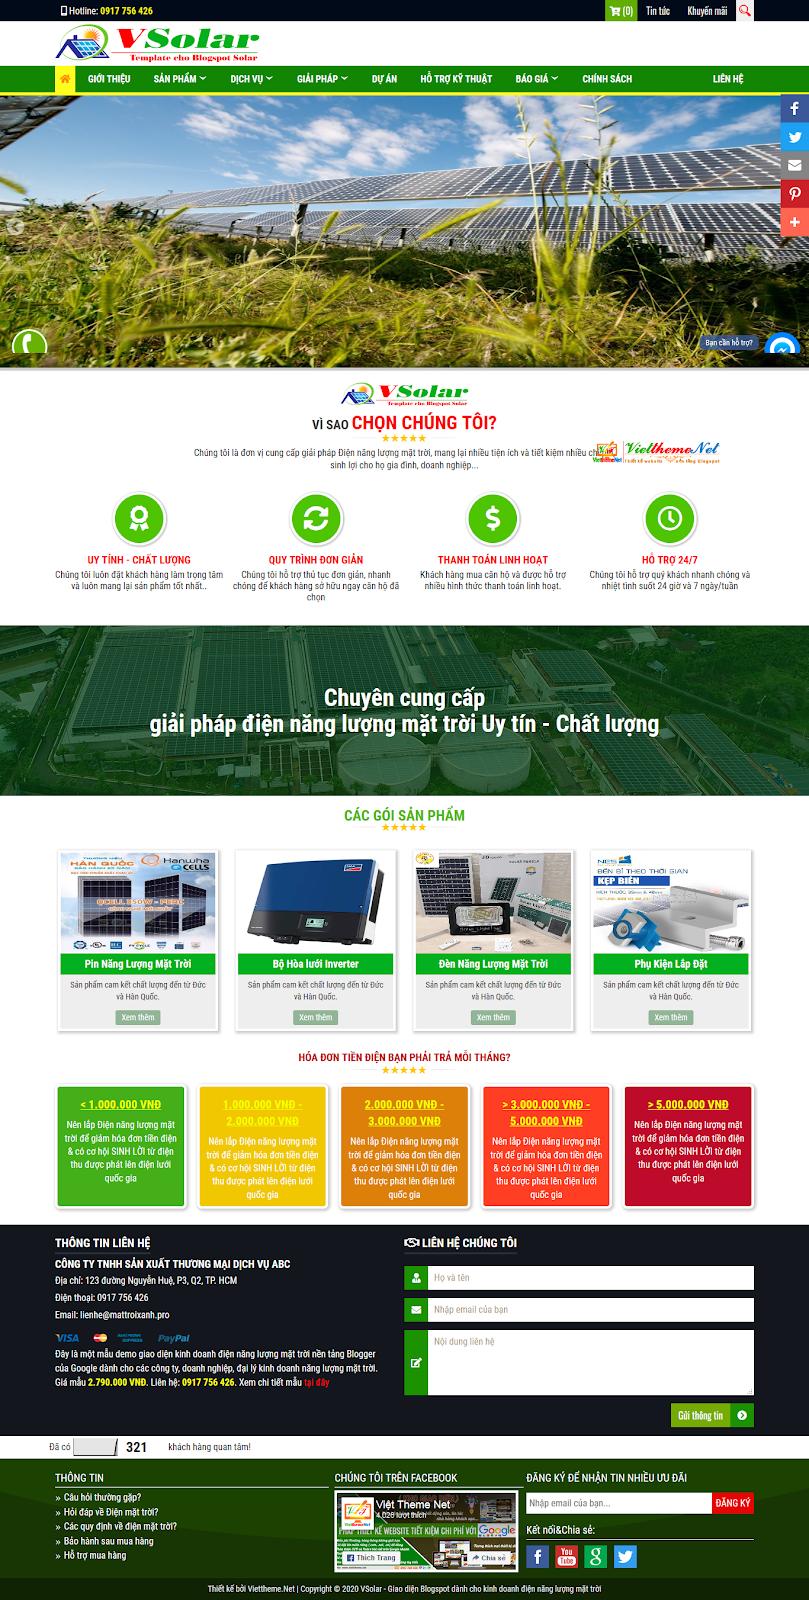 VSolar - Mẫu giao diện website nền tảng Blogger Google dành cho kinh doanh Điện năng lượng mặt trời